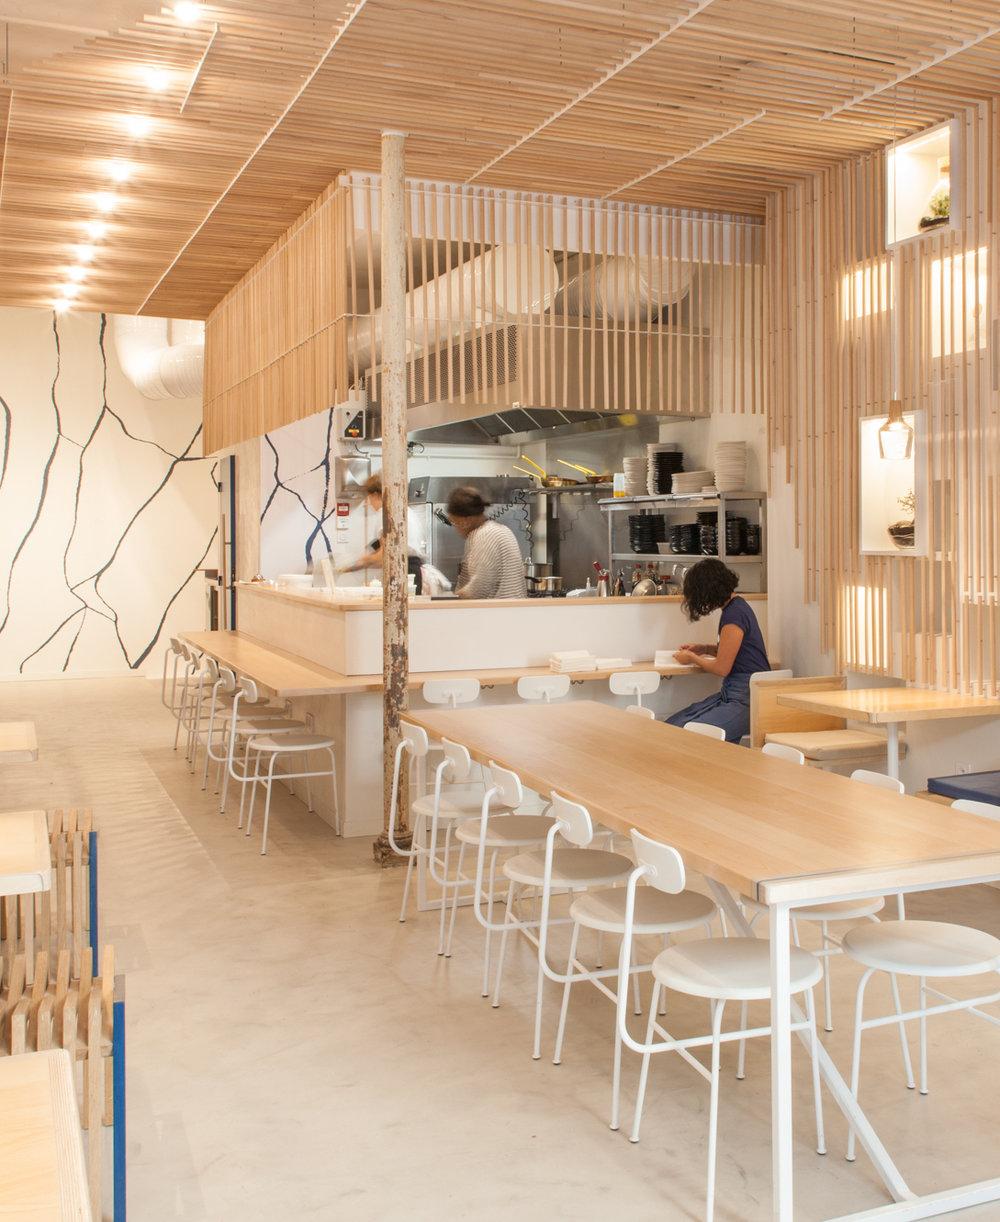 RESTAURANTS   Hopfab vous présente les meilleurs artisans pour sublimer l'agencement de votre restaurant rapidement.     En savoir plus    sur notre service restaurants